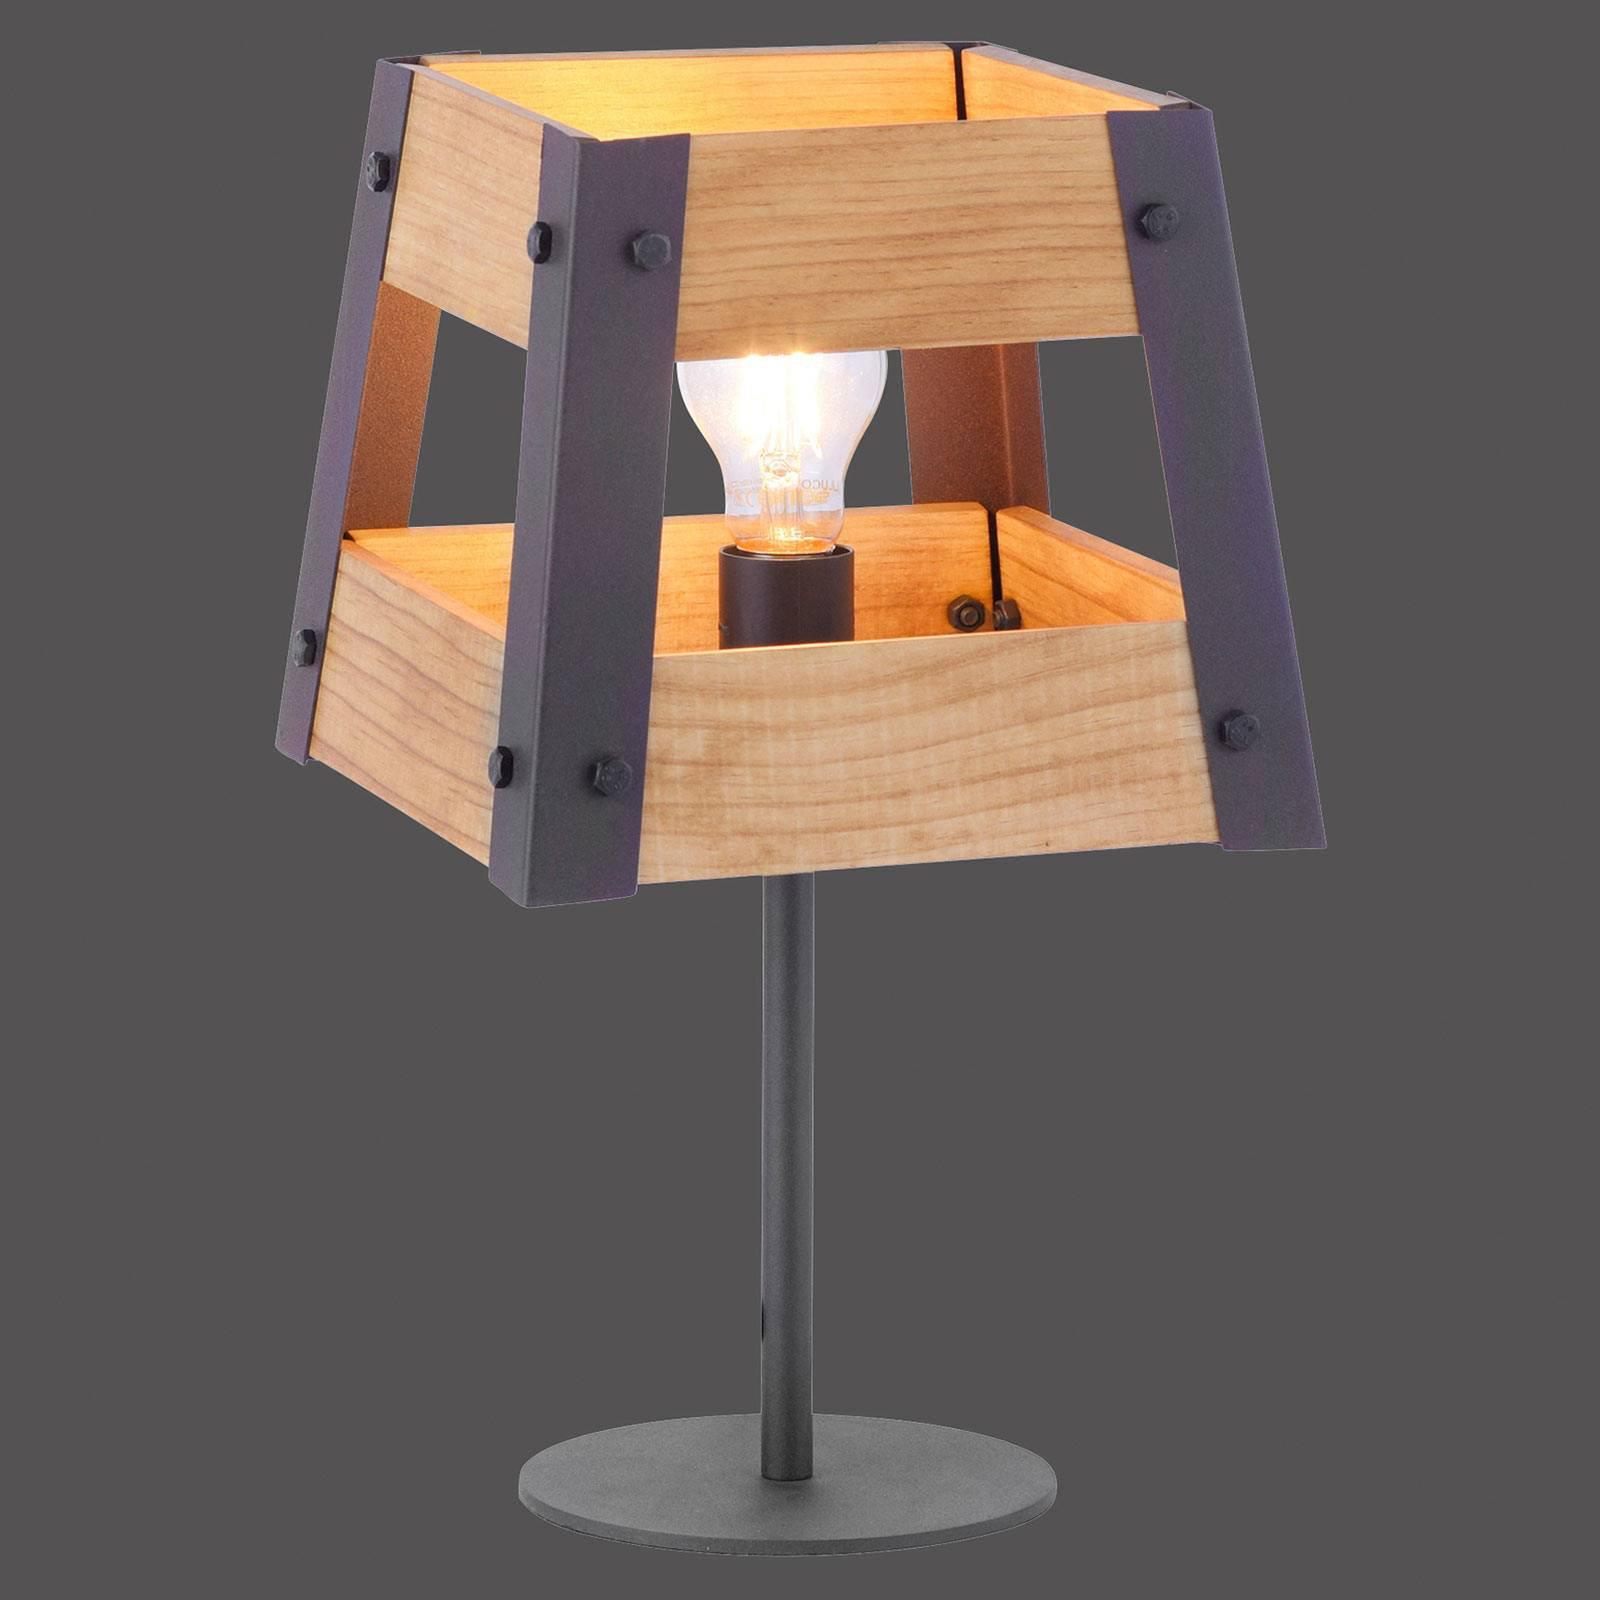 Crate bordlampe av tre og metall